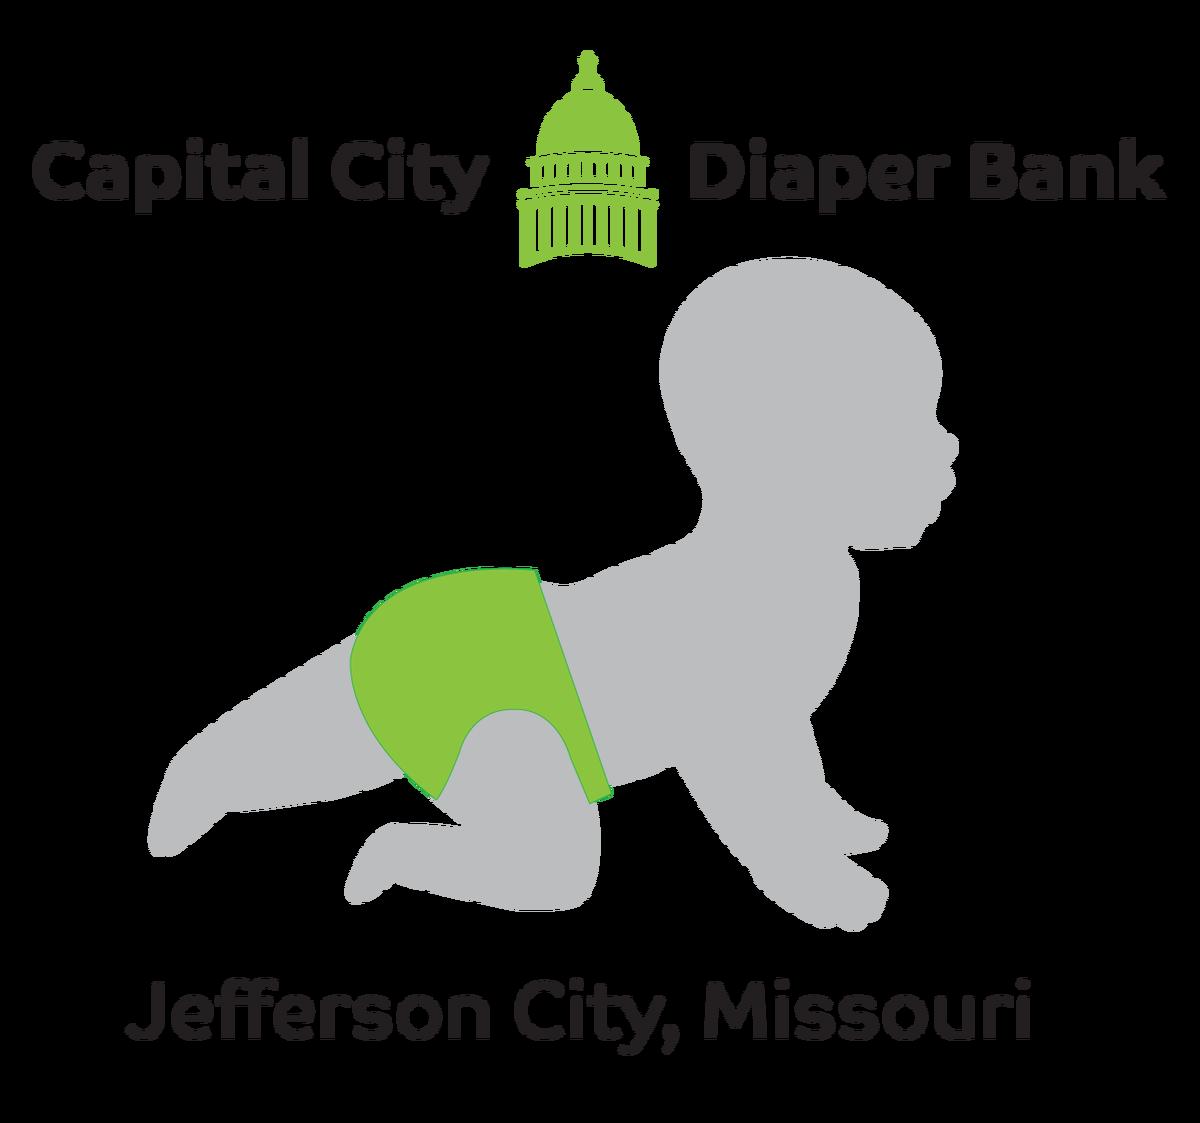 Diaper clipart diaper box. Capital city bank